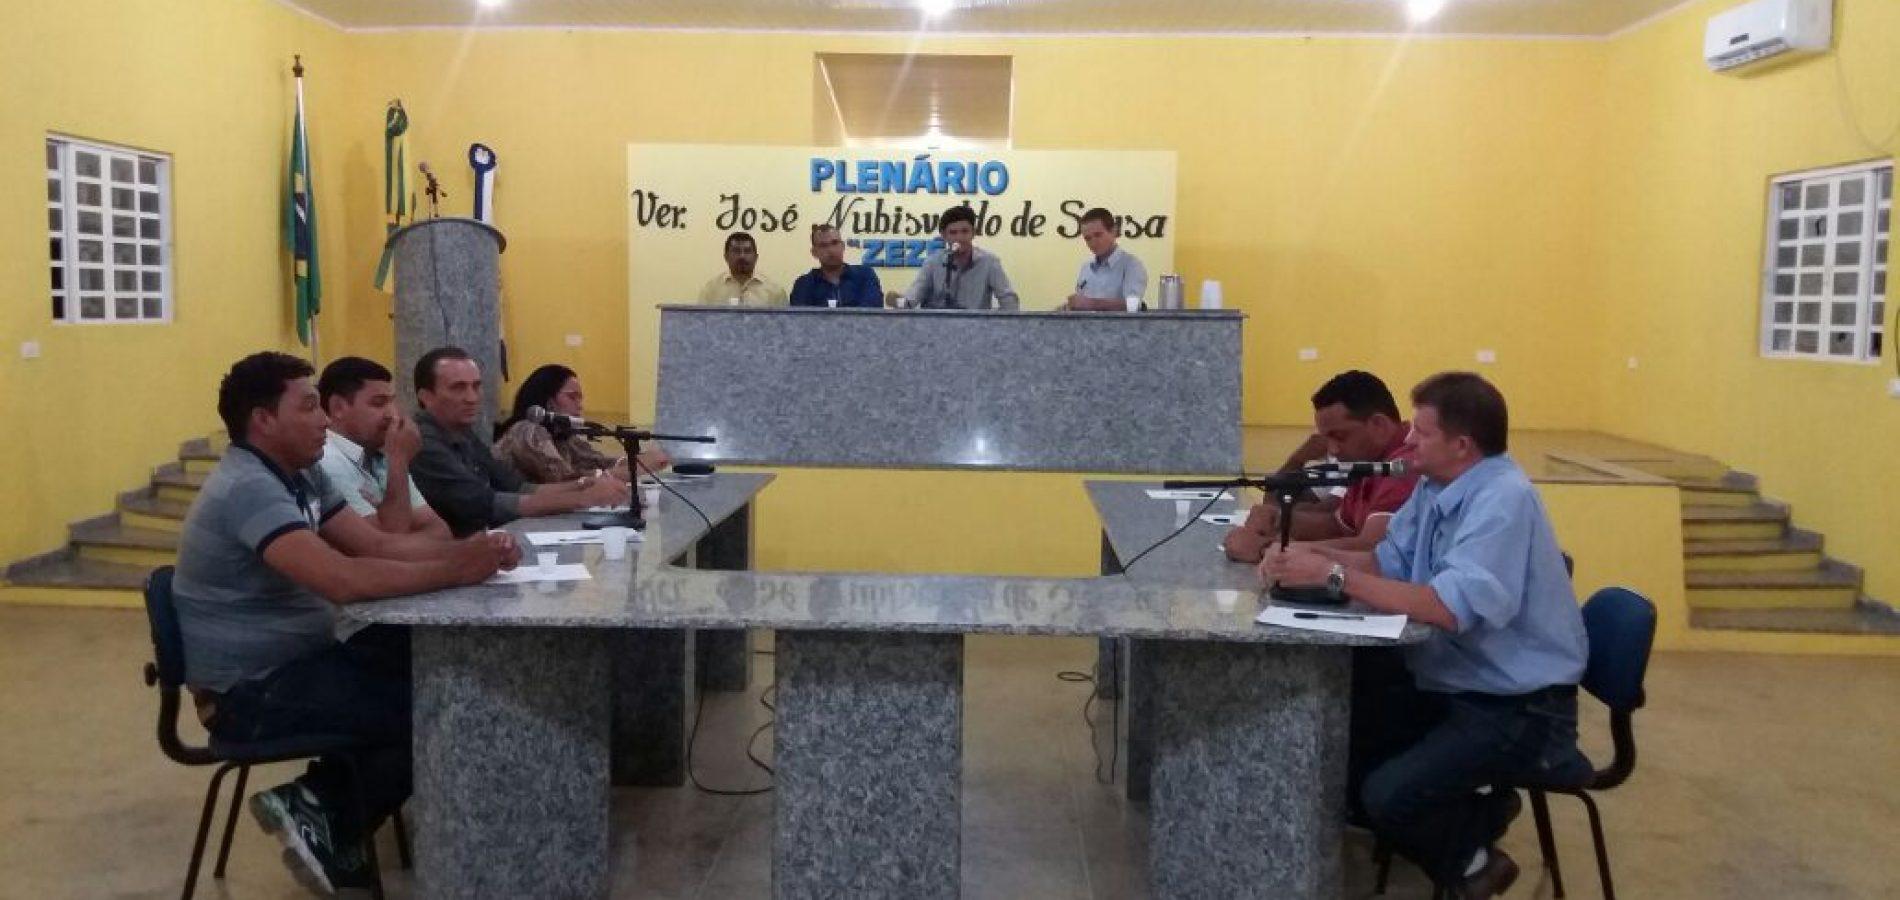 Em sessão, vereadores repercutem resultado das eleições em Campo Grande do Piauí